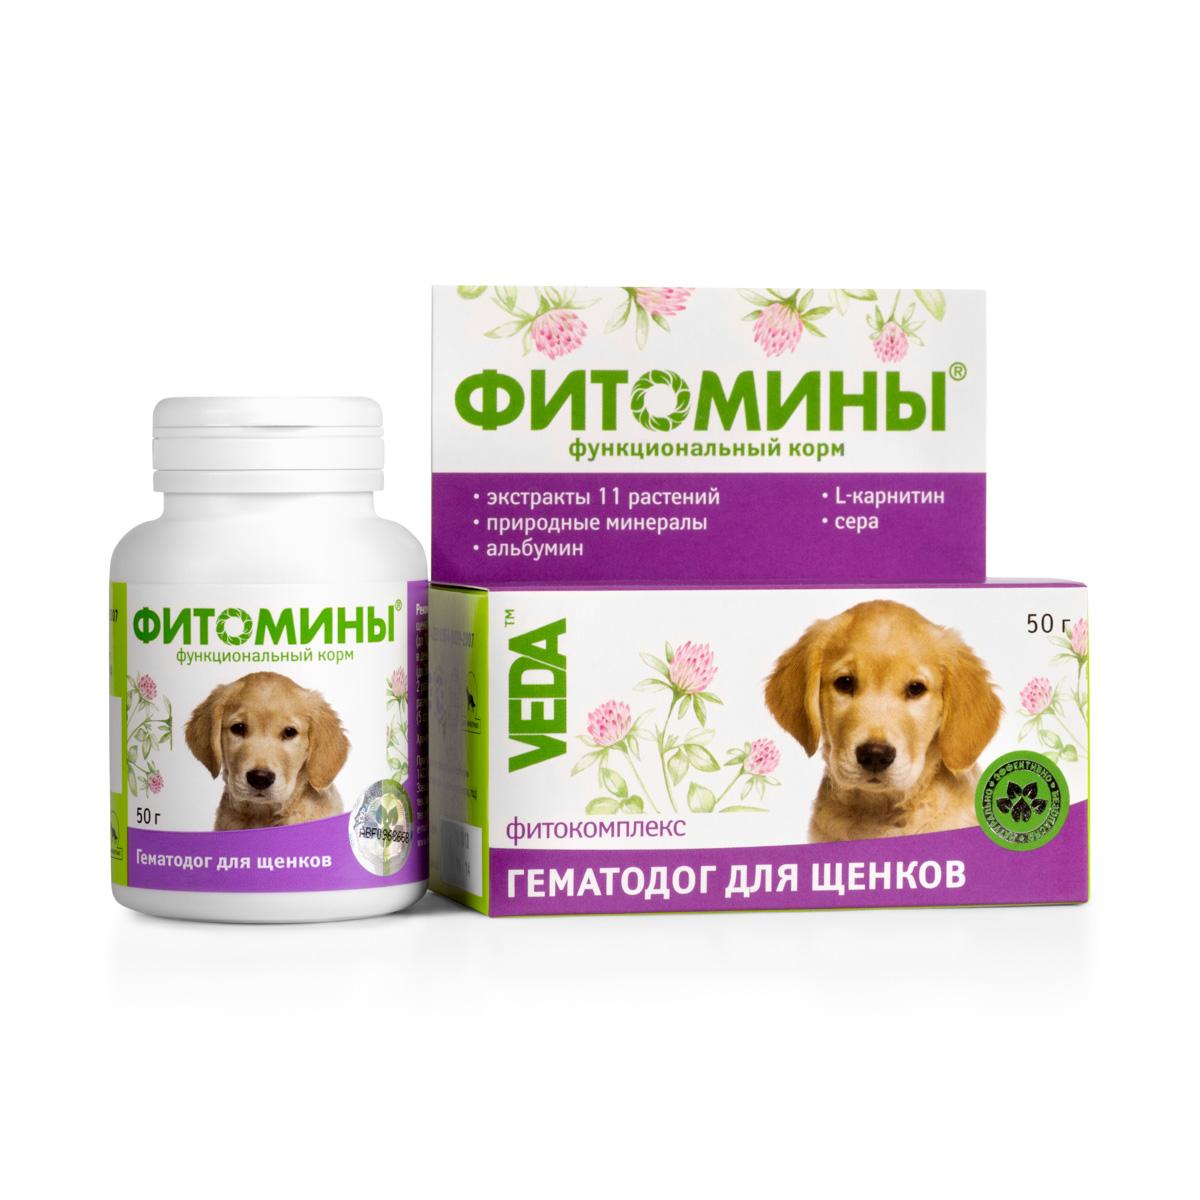 Корм для щенков VEDA Фитомины. Гематодог, функциональный, 50 г4605543005817Корм функциональный для щенков VEDA Фитомины. Гематодог стимулирует кроветворение и способствует улучшению показателей крови, повышает сопротивляемость организма.Рекомендуется включать в рацион:- молодым животным для ускорения роста и общего укрепления организма, - взрослым животным при отказе от пищи и потере мышечной массы, - после травм и хирургических операций с большой кровопотерей, - ослабленным и больным животным в период вызоровления.Состав: лактоза; крахмал; дрожжи пивные; фитокомплекс: травы эхинацеи пурпурной, травы подмаренника, цветков лабазника вязолистного, травы зверобоя, почек березовых, почек сосны, цветов клевера, цветов кипрея, плодов шиповника, травы тысячелистника, корней и корневищ солодки; природный минеральный комплекс; паровая мясная мука; гидролизат крови (альбумин); стеарат кальция; L-карнитин; сера.Товар сертифицирован.